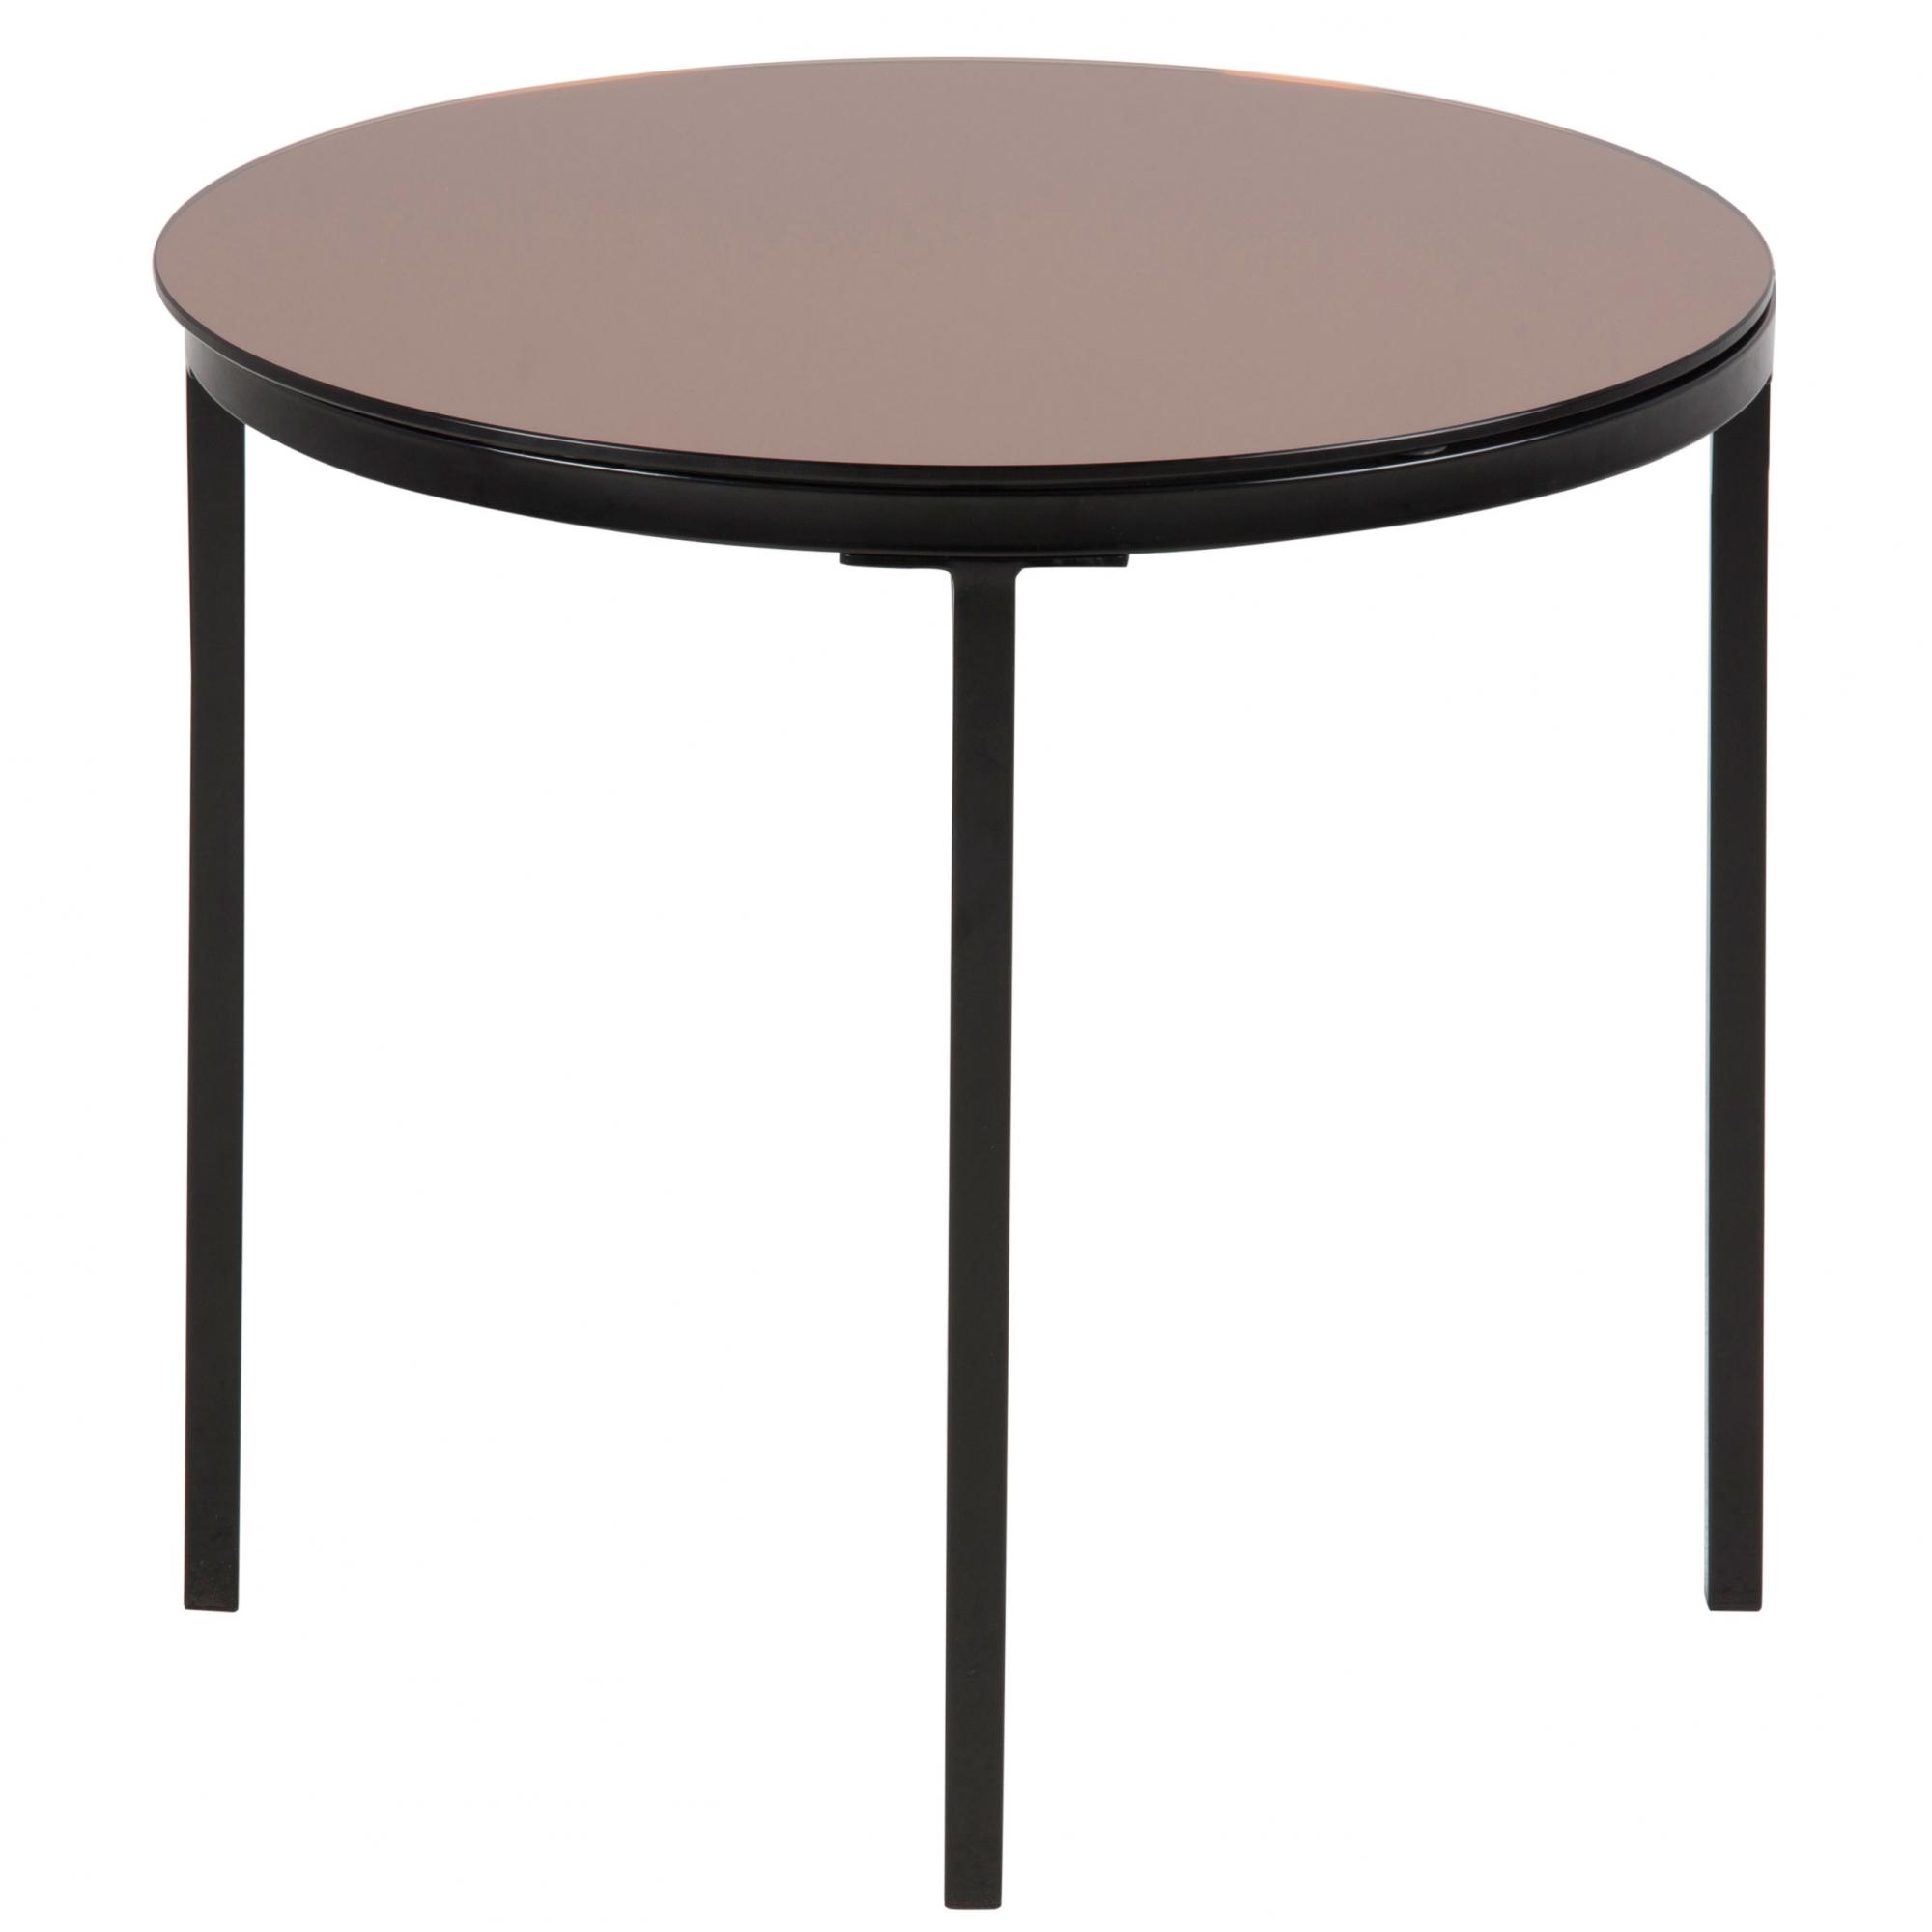 Konferenčný / nočný stolík sklenený Gira, 50 cm, bronzová